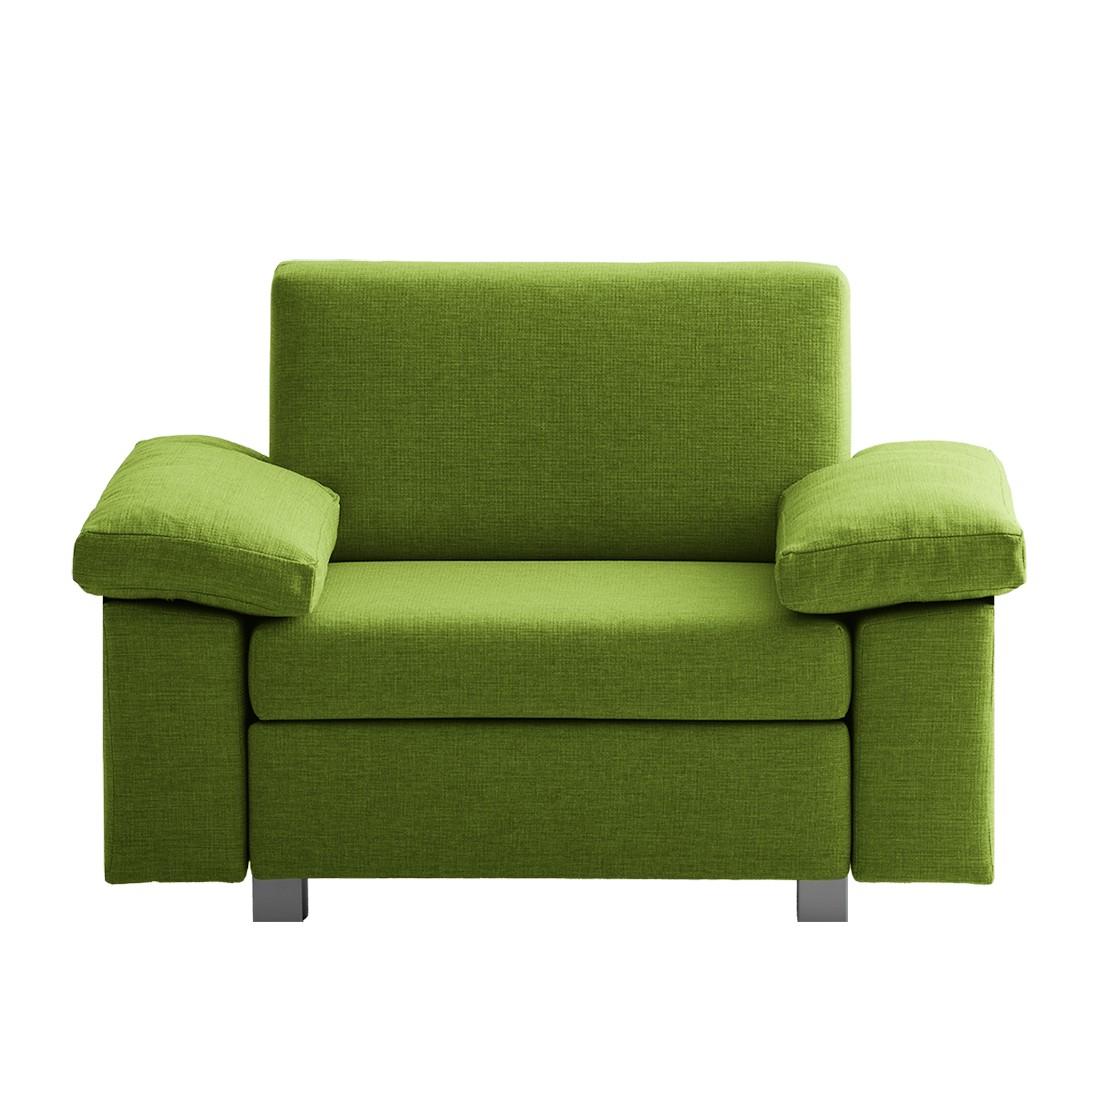 goedkoop Slaapfauteuil Plaza geweven stof Groen Opklapbare armleuningen chillout by Franz Fertig